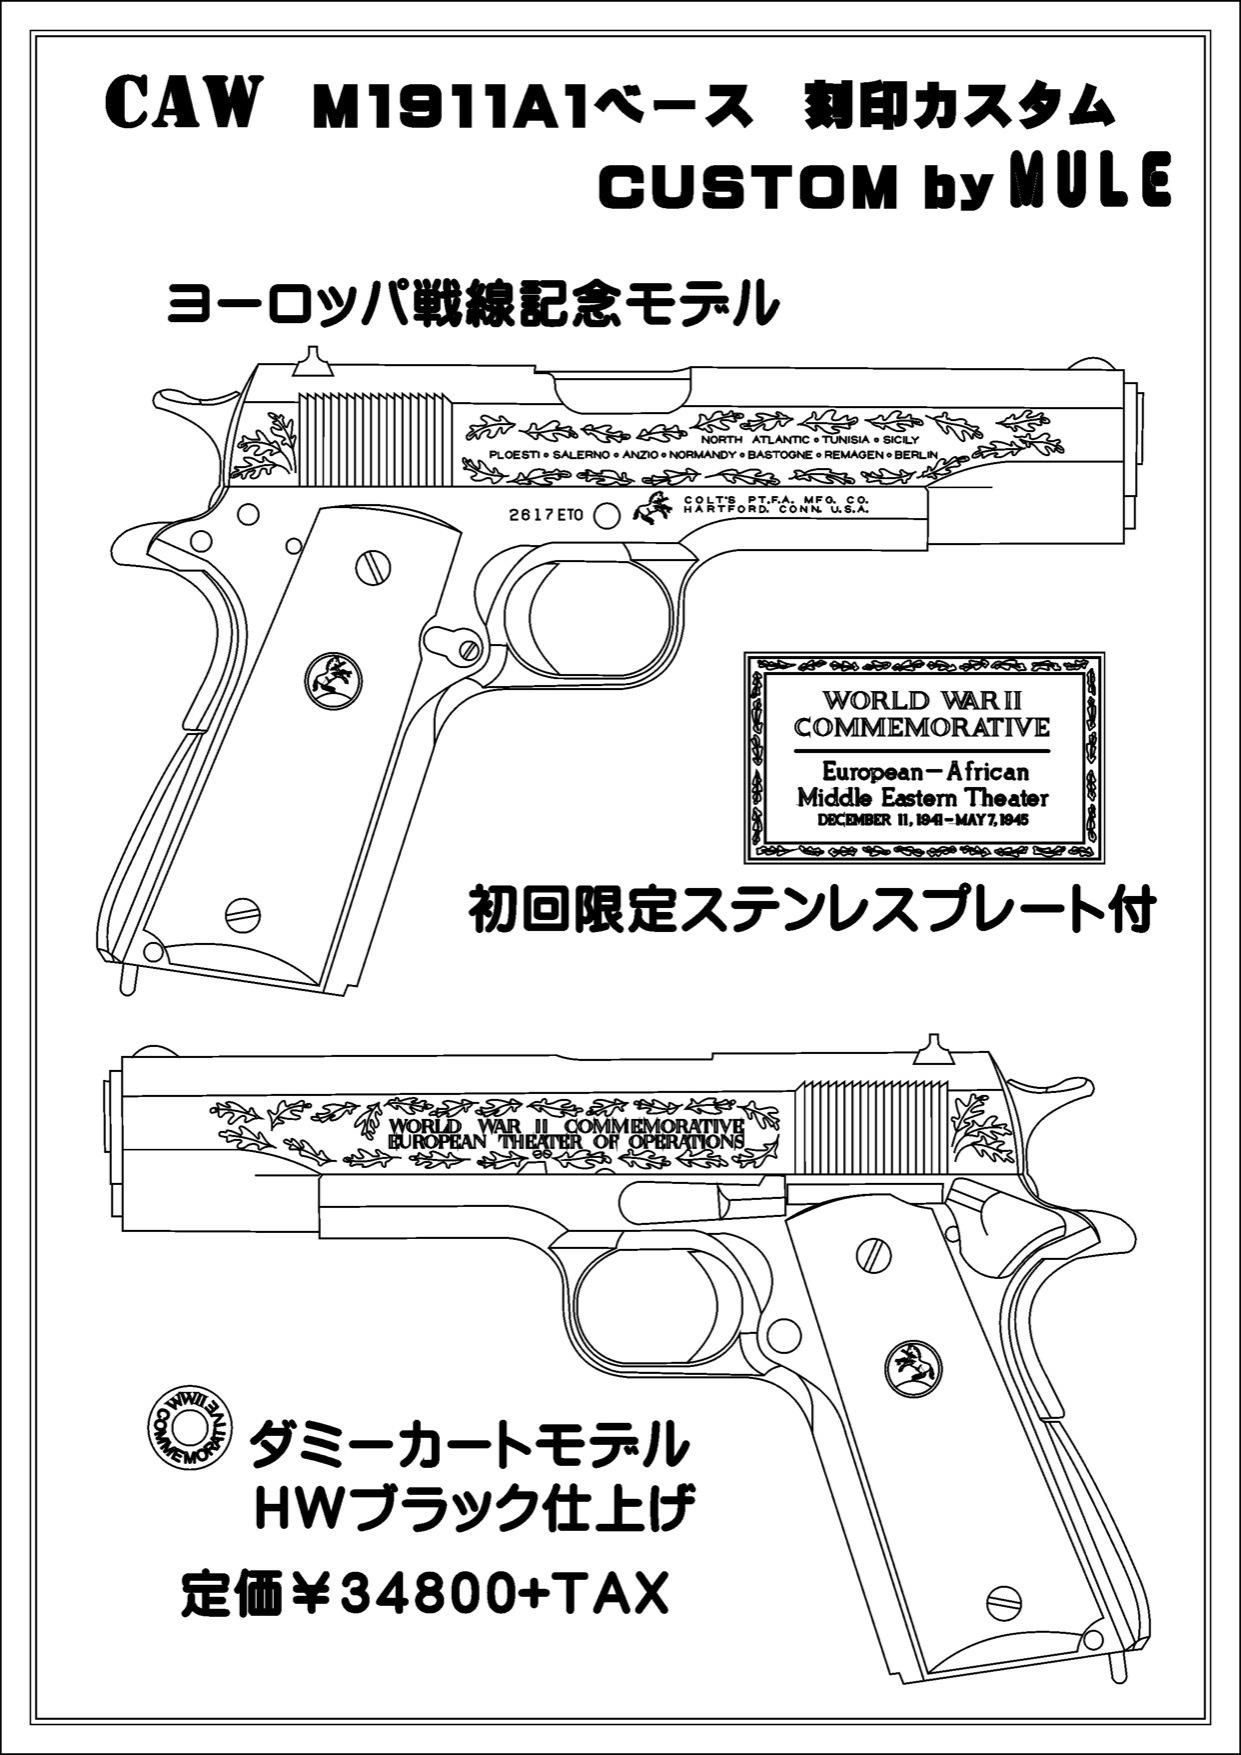 MULEカスタム CAW M1911A1刻印カスタム ヨーロッパ戦線記念モデル/太平洋戦線記念モデル_f0131995_21033725.jpg